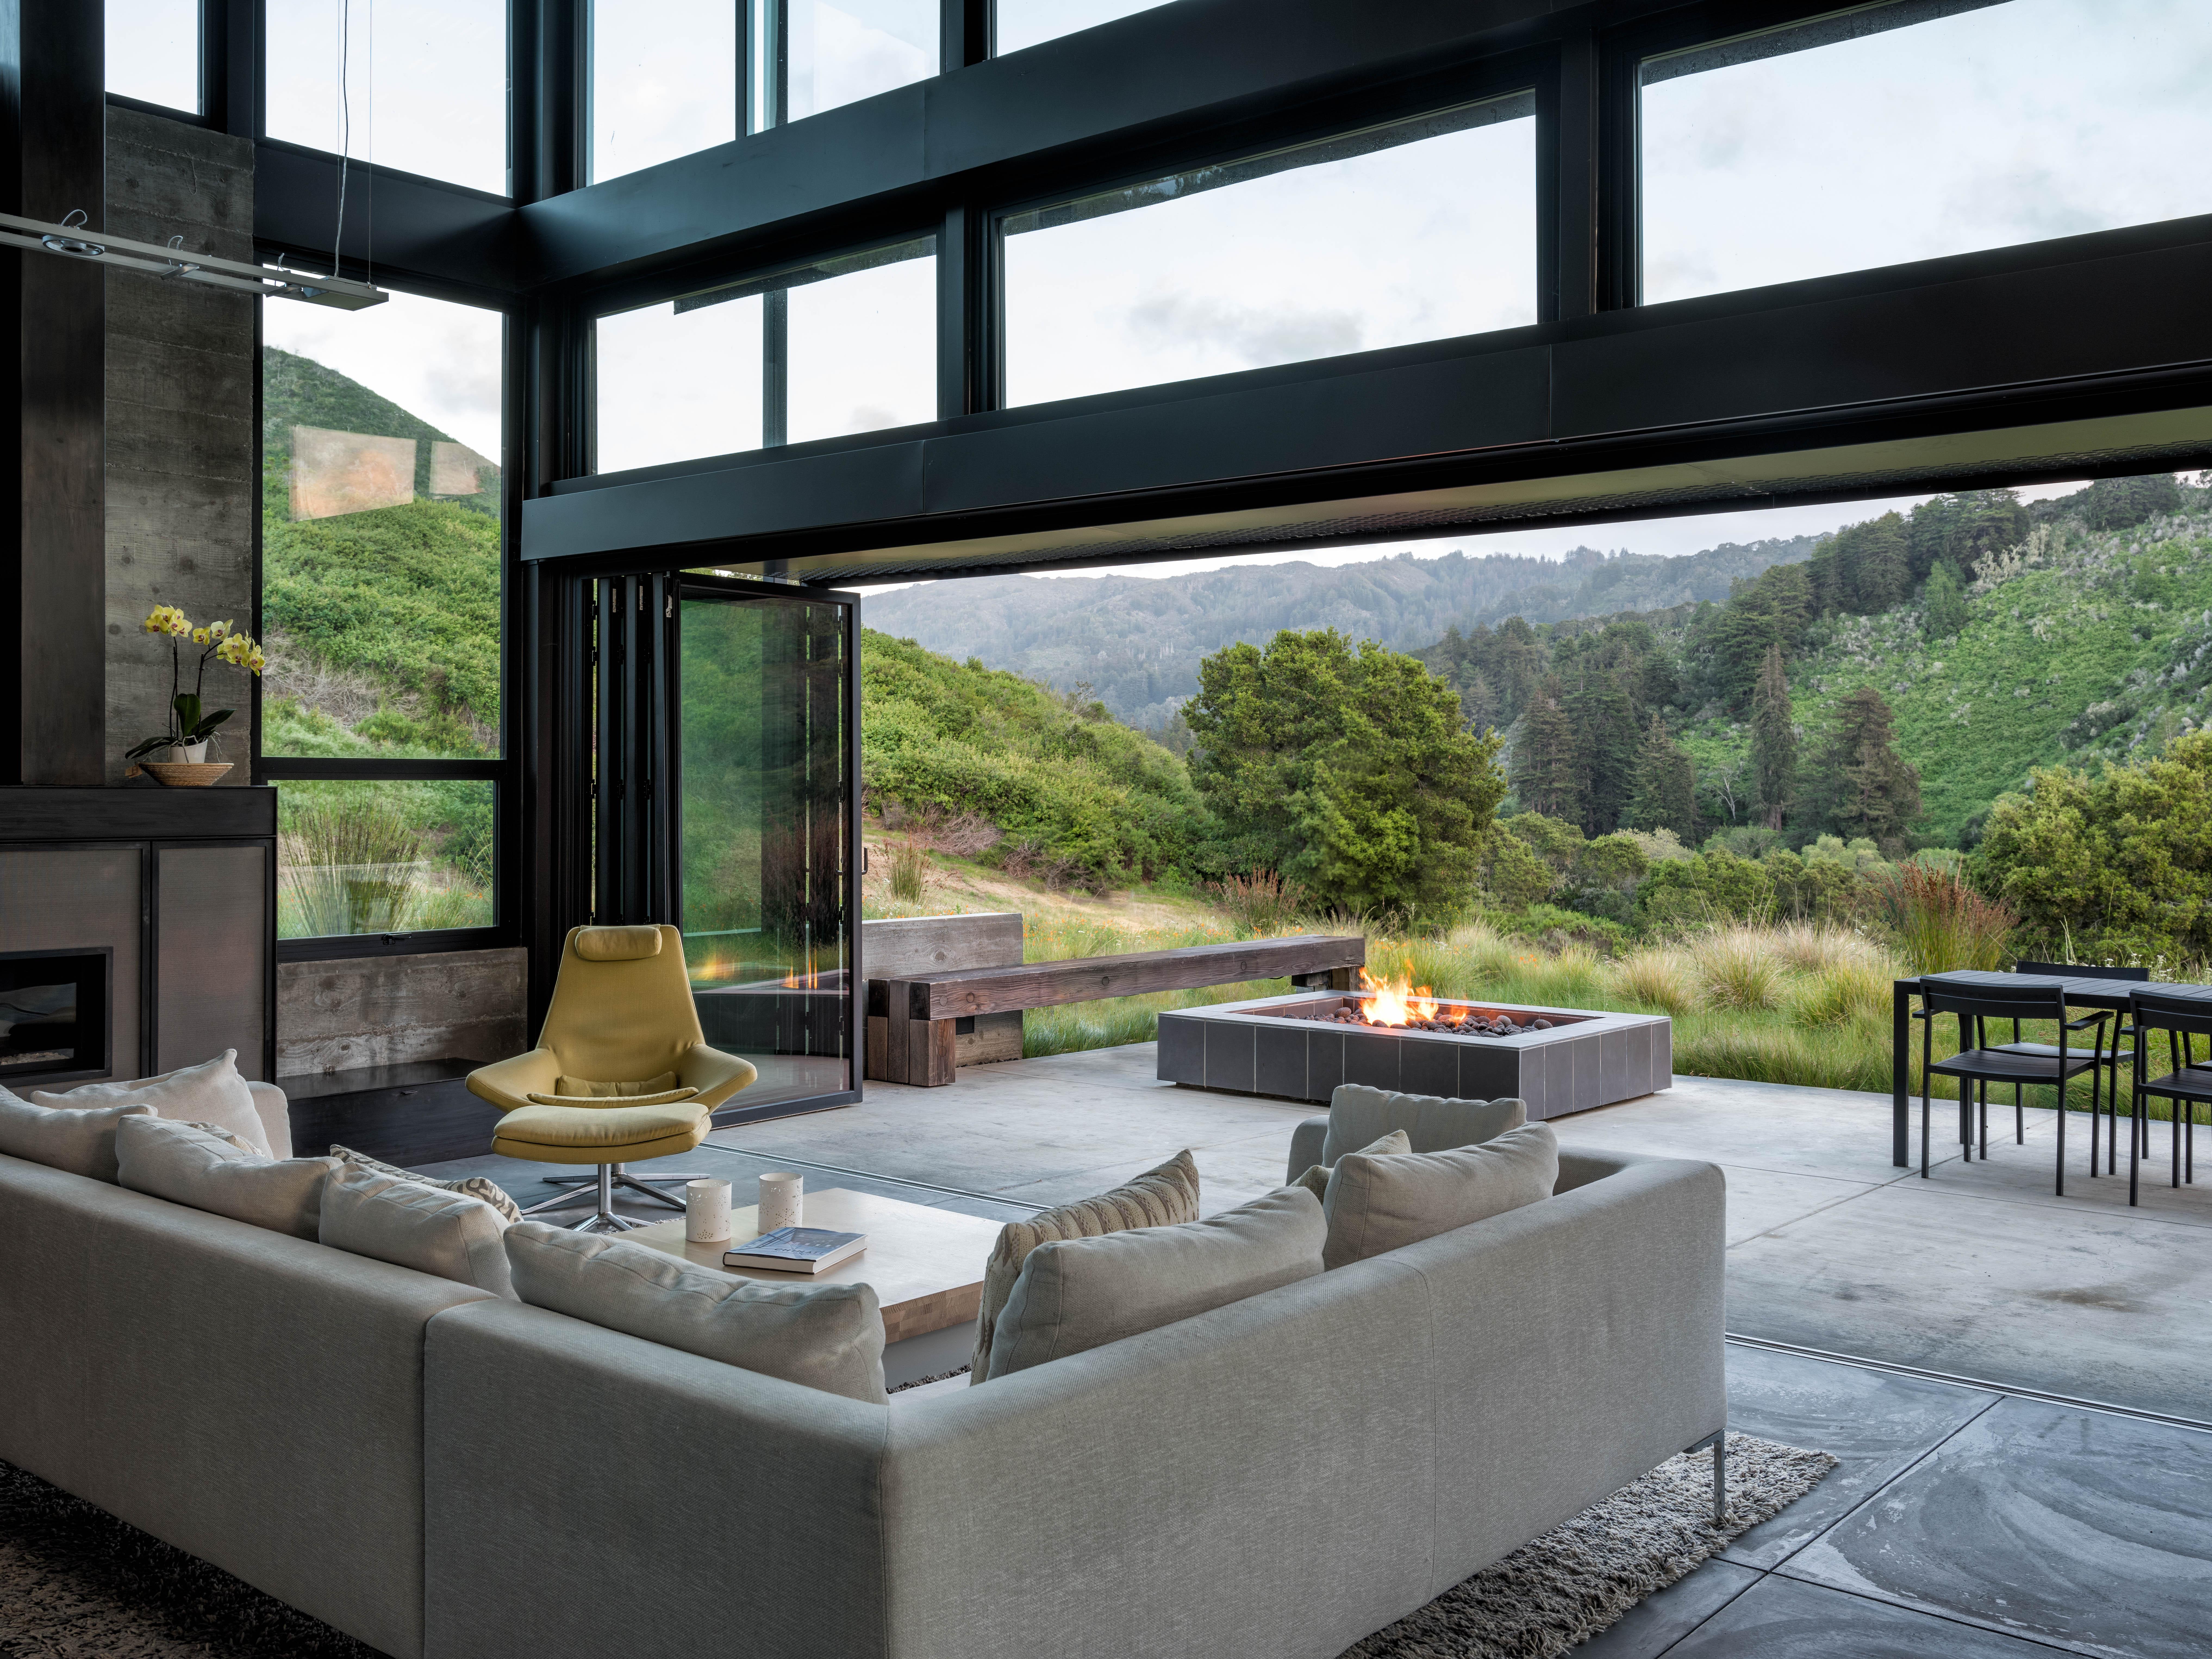 """在阳台上,壁炉和室外游泳池,在室外恒温游泳池。在露台上,沙拉在一片红片里,有一种混合的颜色。在西雅图的水上旅行:""""探索"""",一份研究,设计和园艺。"""